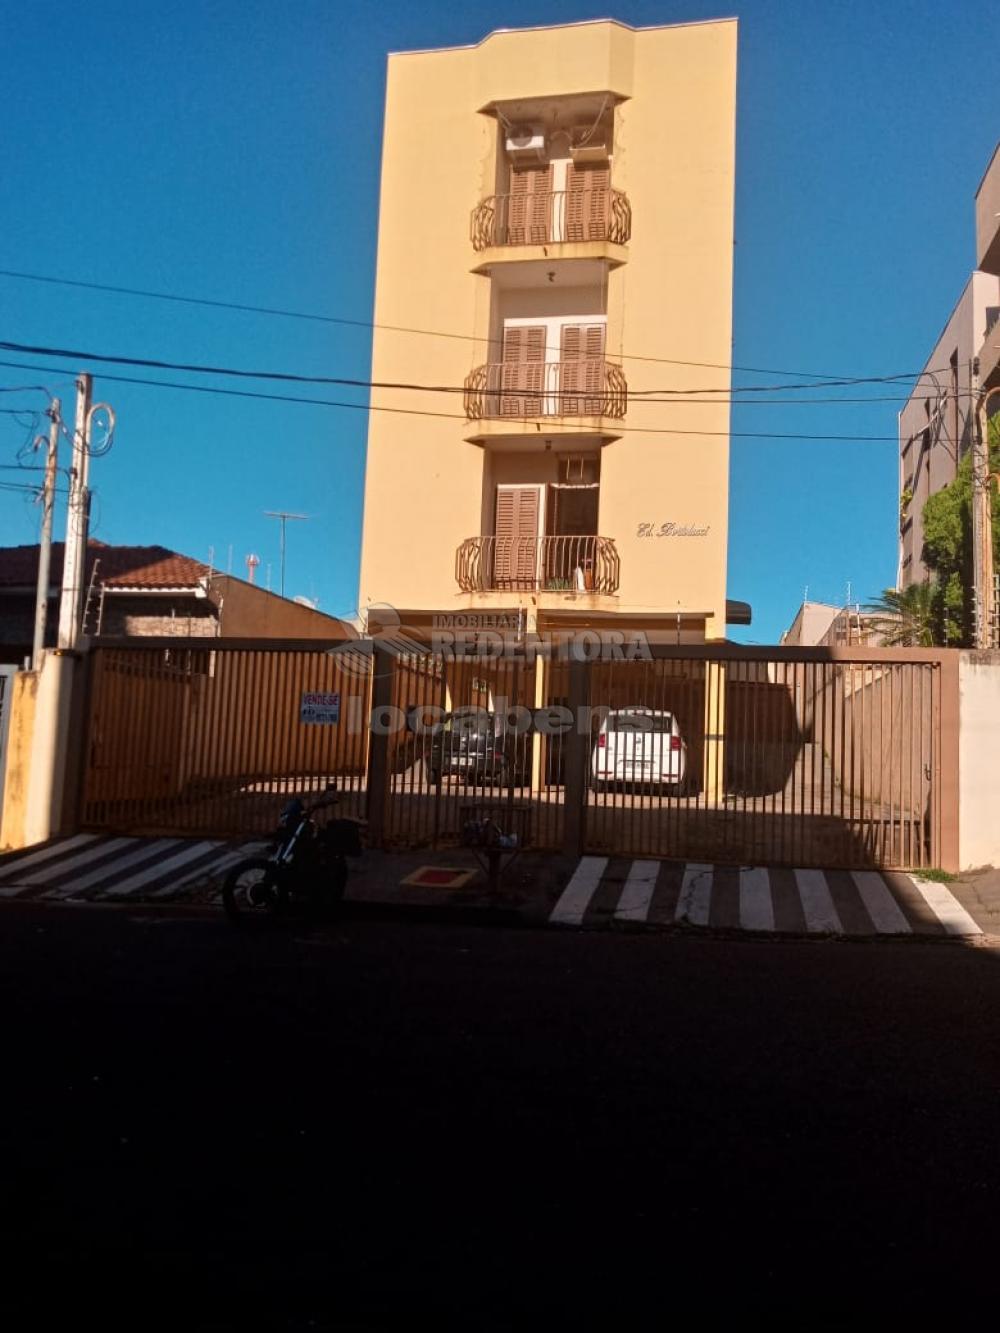 Comprar Apartamento / Padrão em São José do Rio Preto apenas R$ 210.000,00 - Foto 1